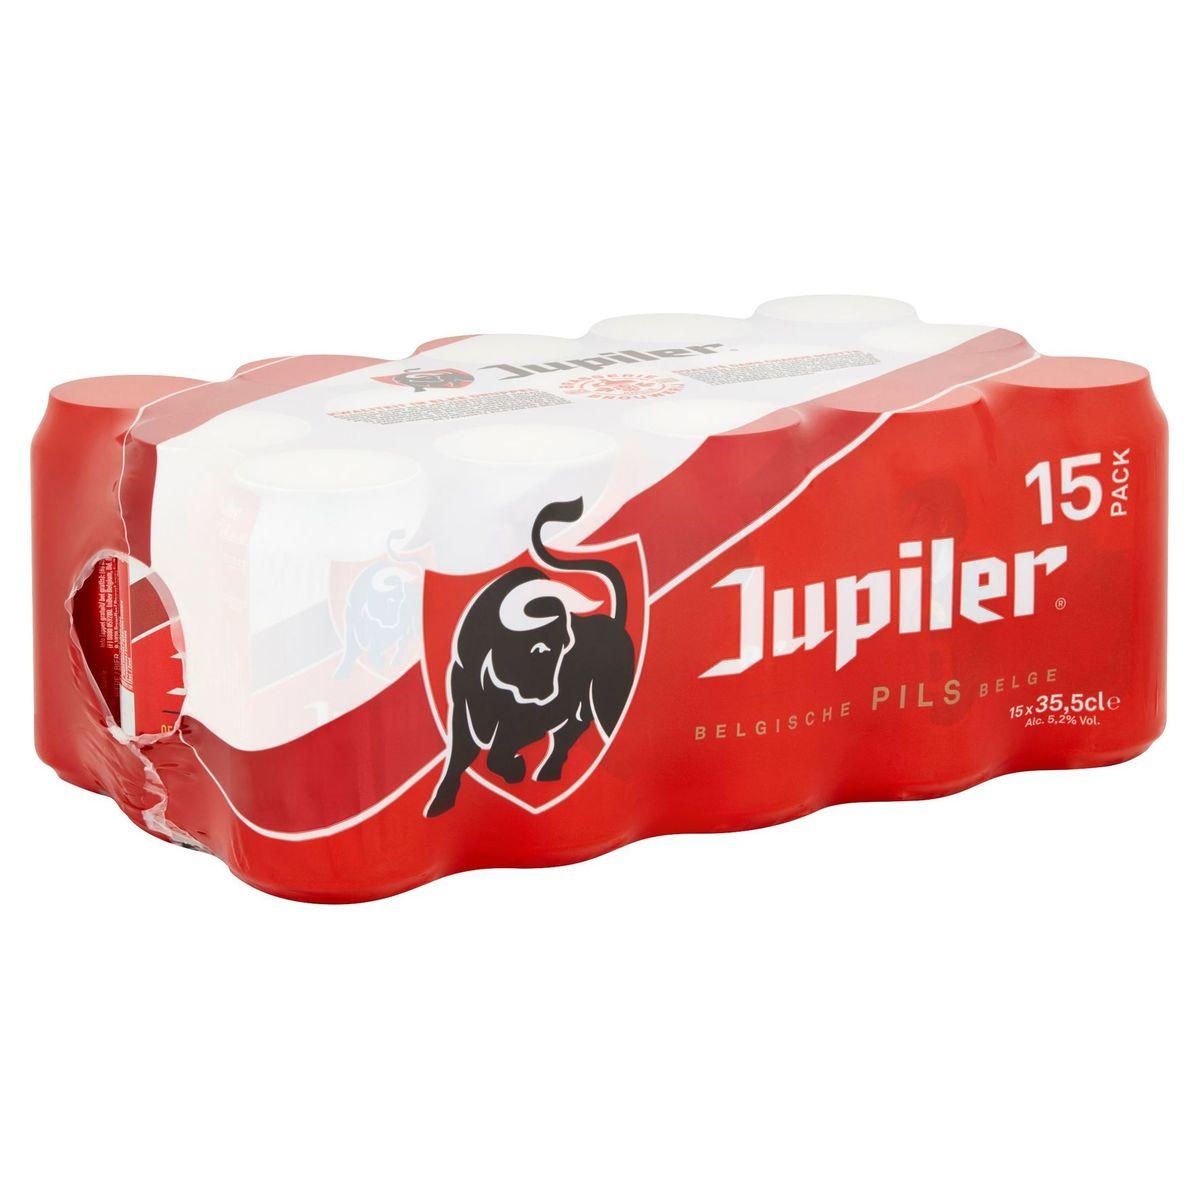 Jupiler Belgische Pils Blikken 15 x 35.5 cl